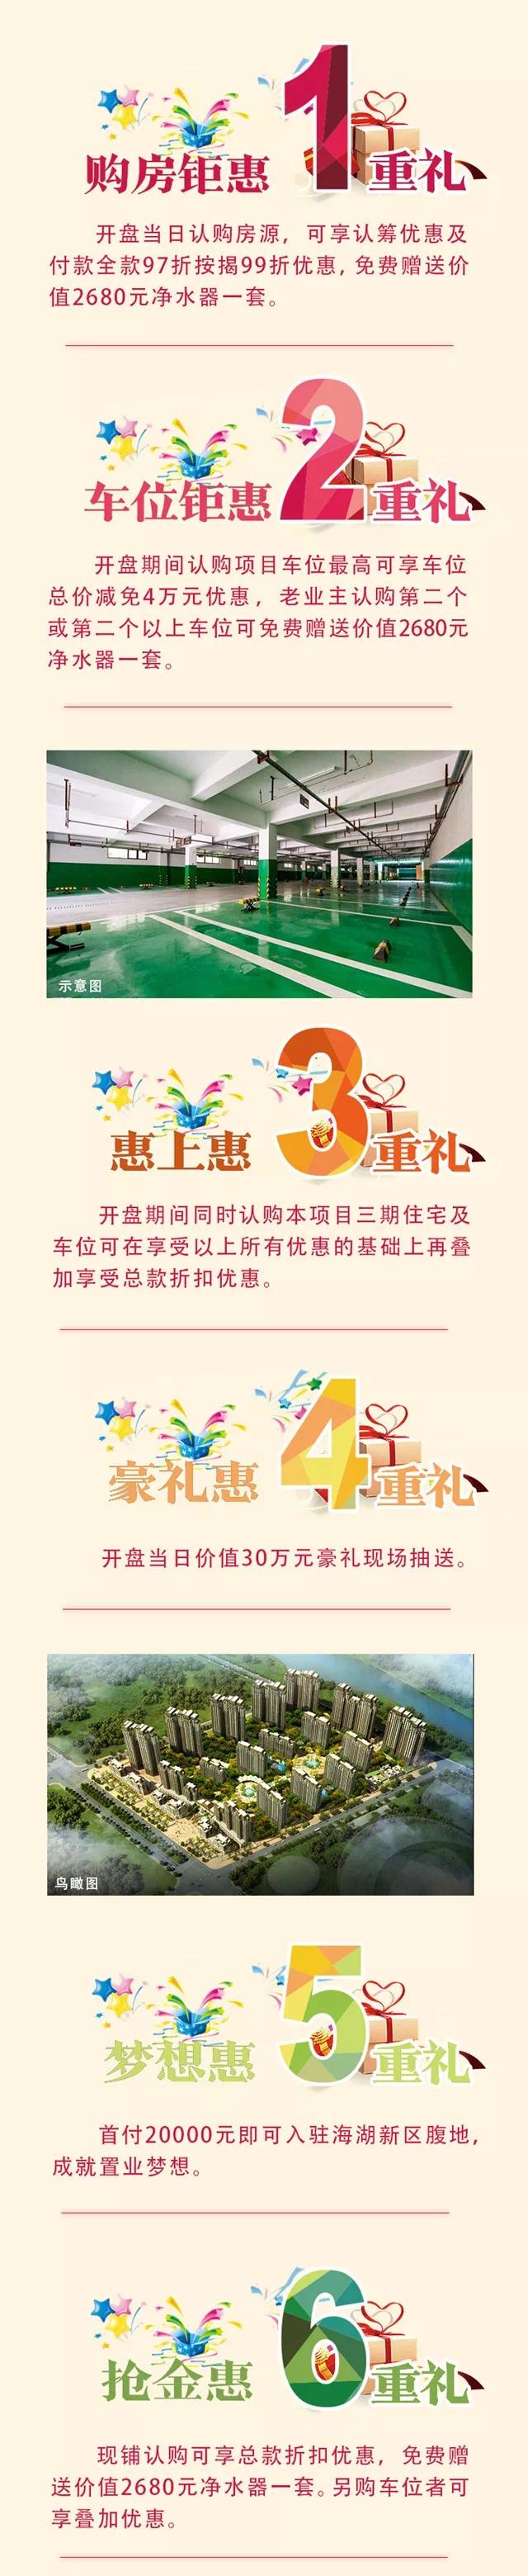 盛达国际新城6月24日盛大开盘 6重豪礼惠动全城